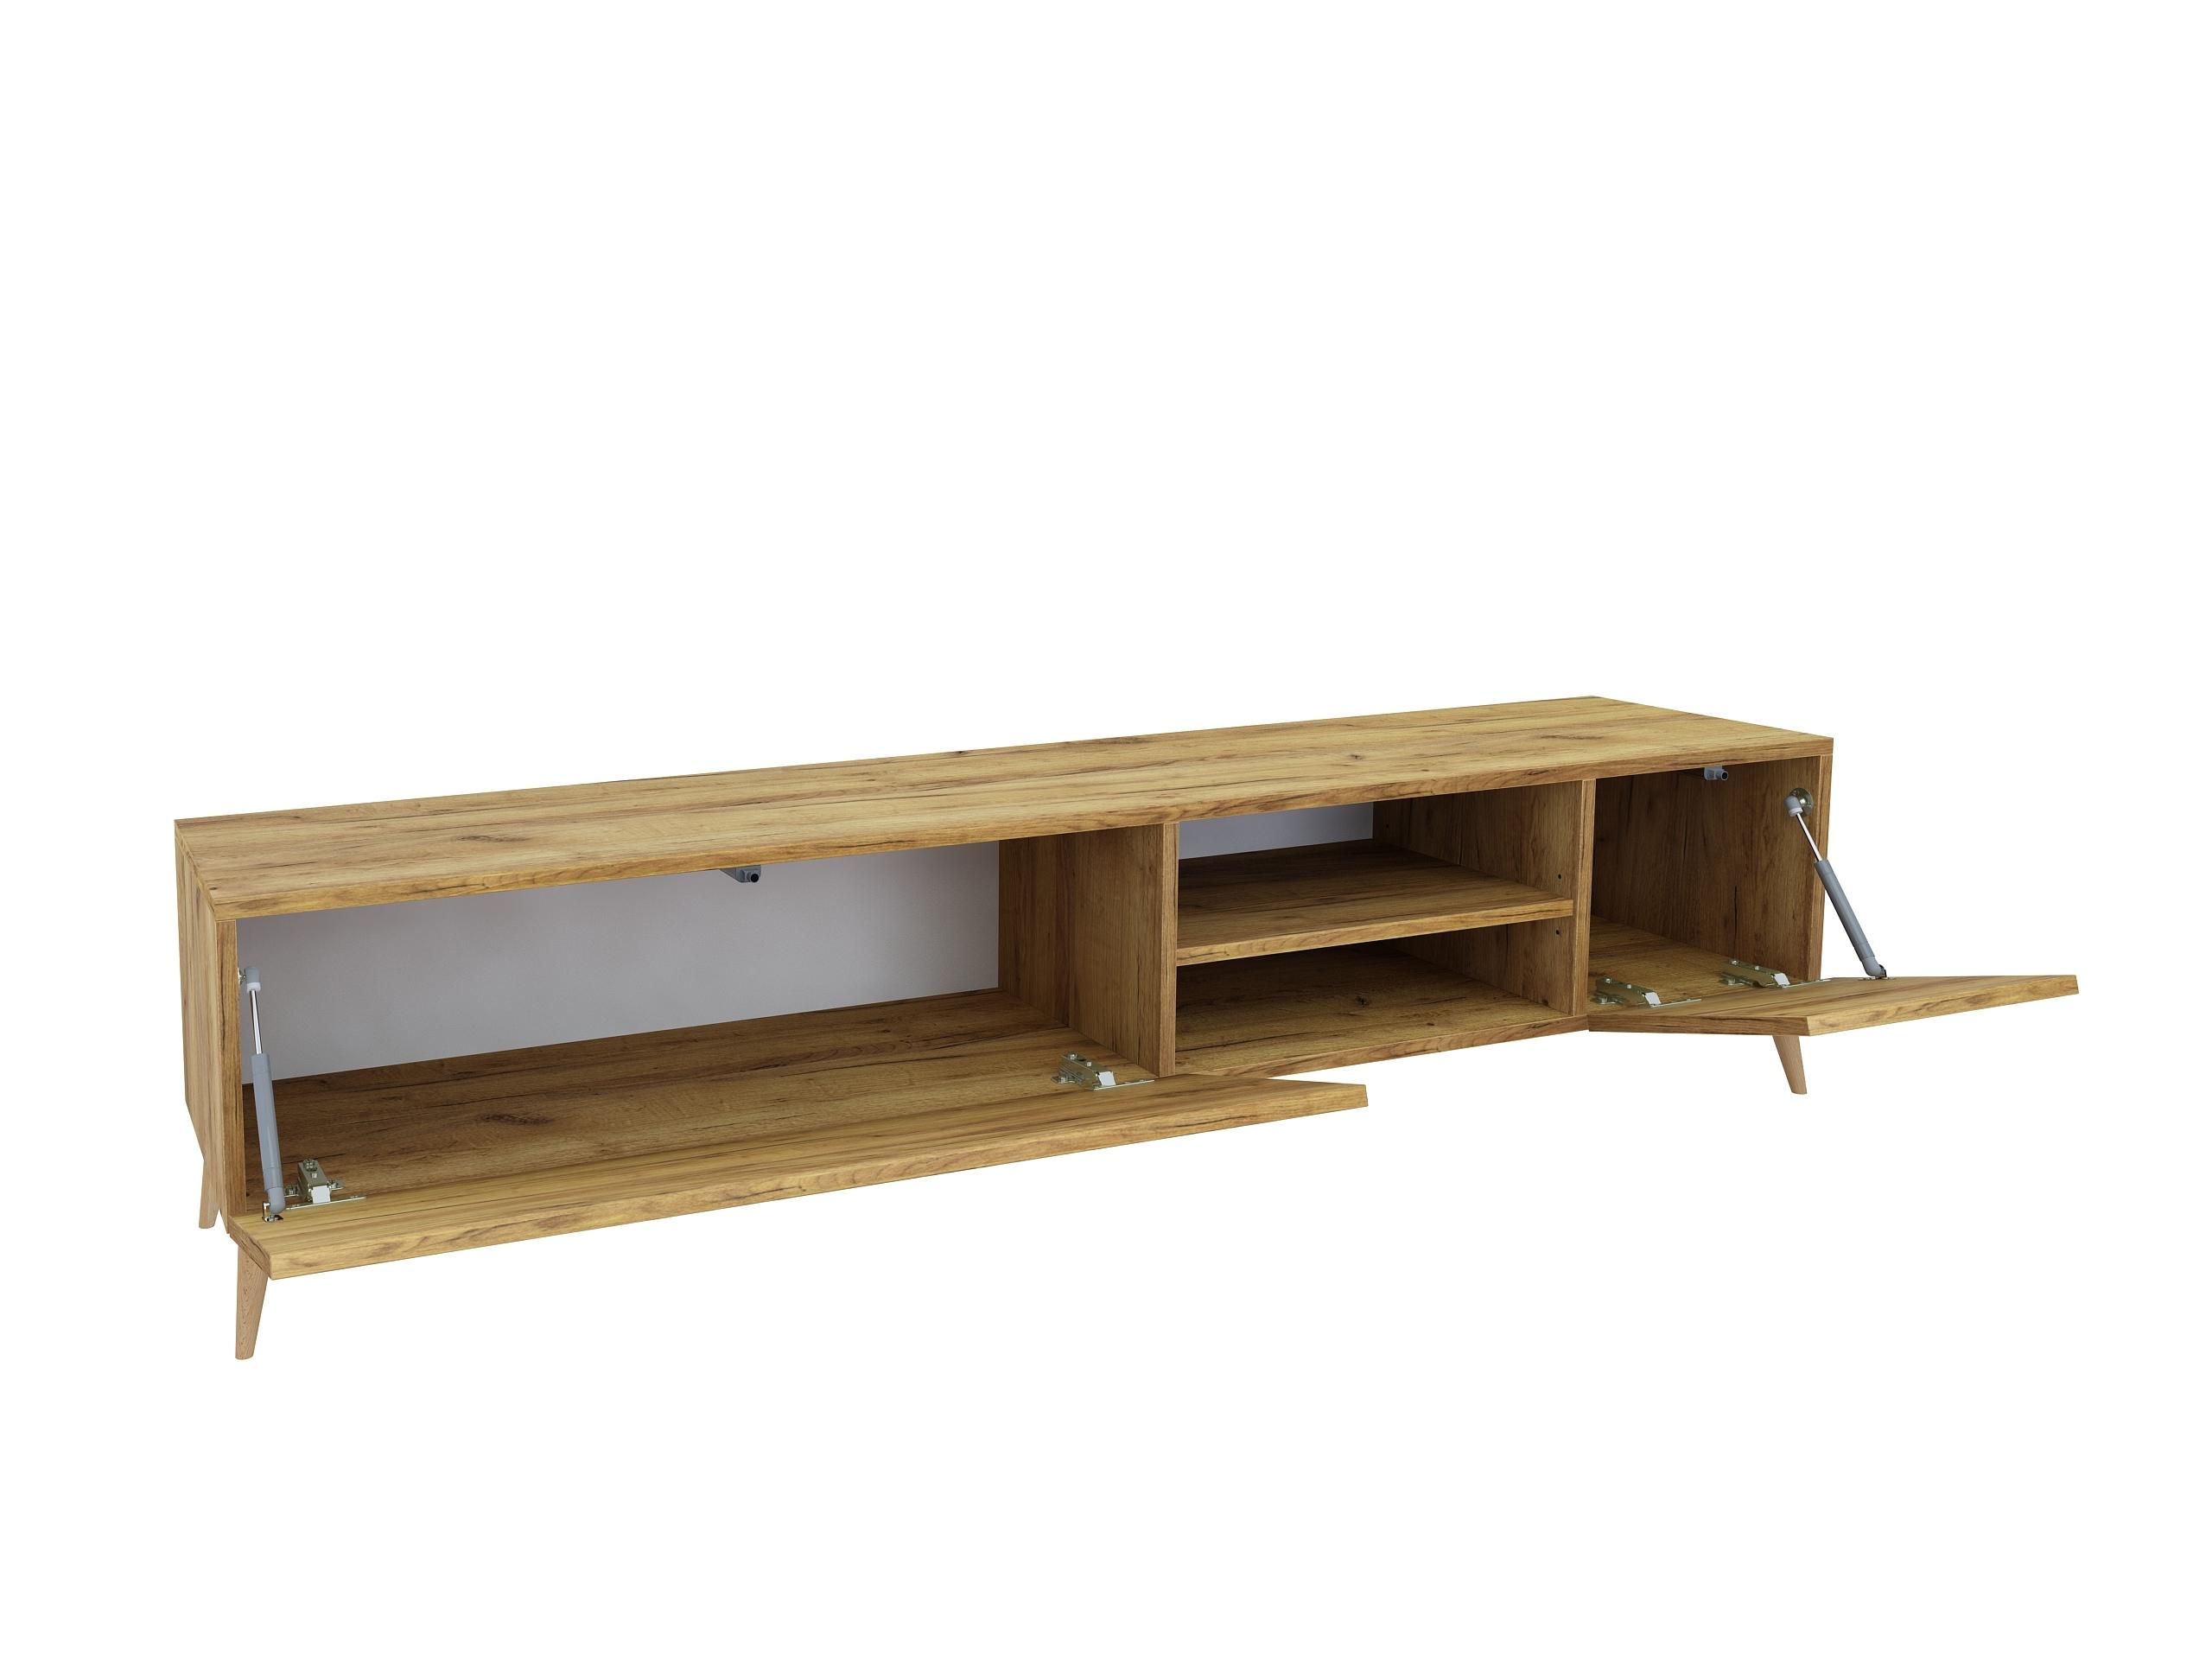 drewno, dąb craft, dąb złoty, szafka rtv, pod telewizor, drewniane nóżki